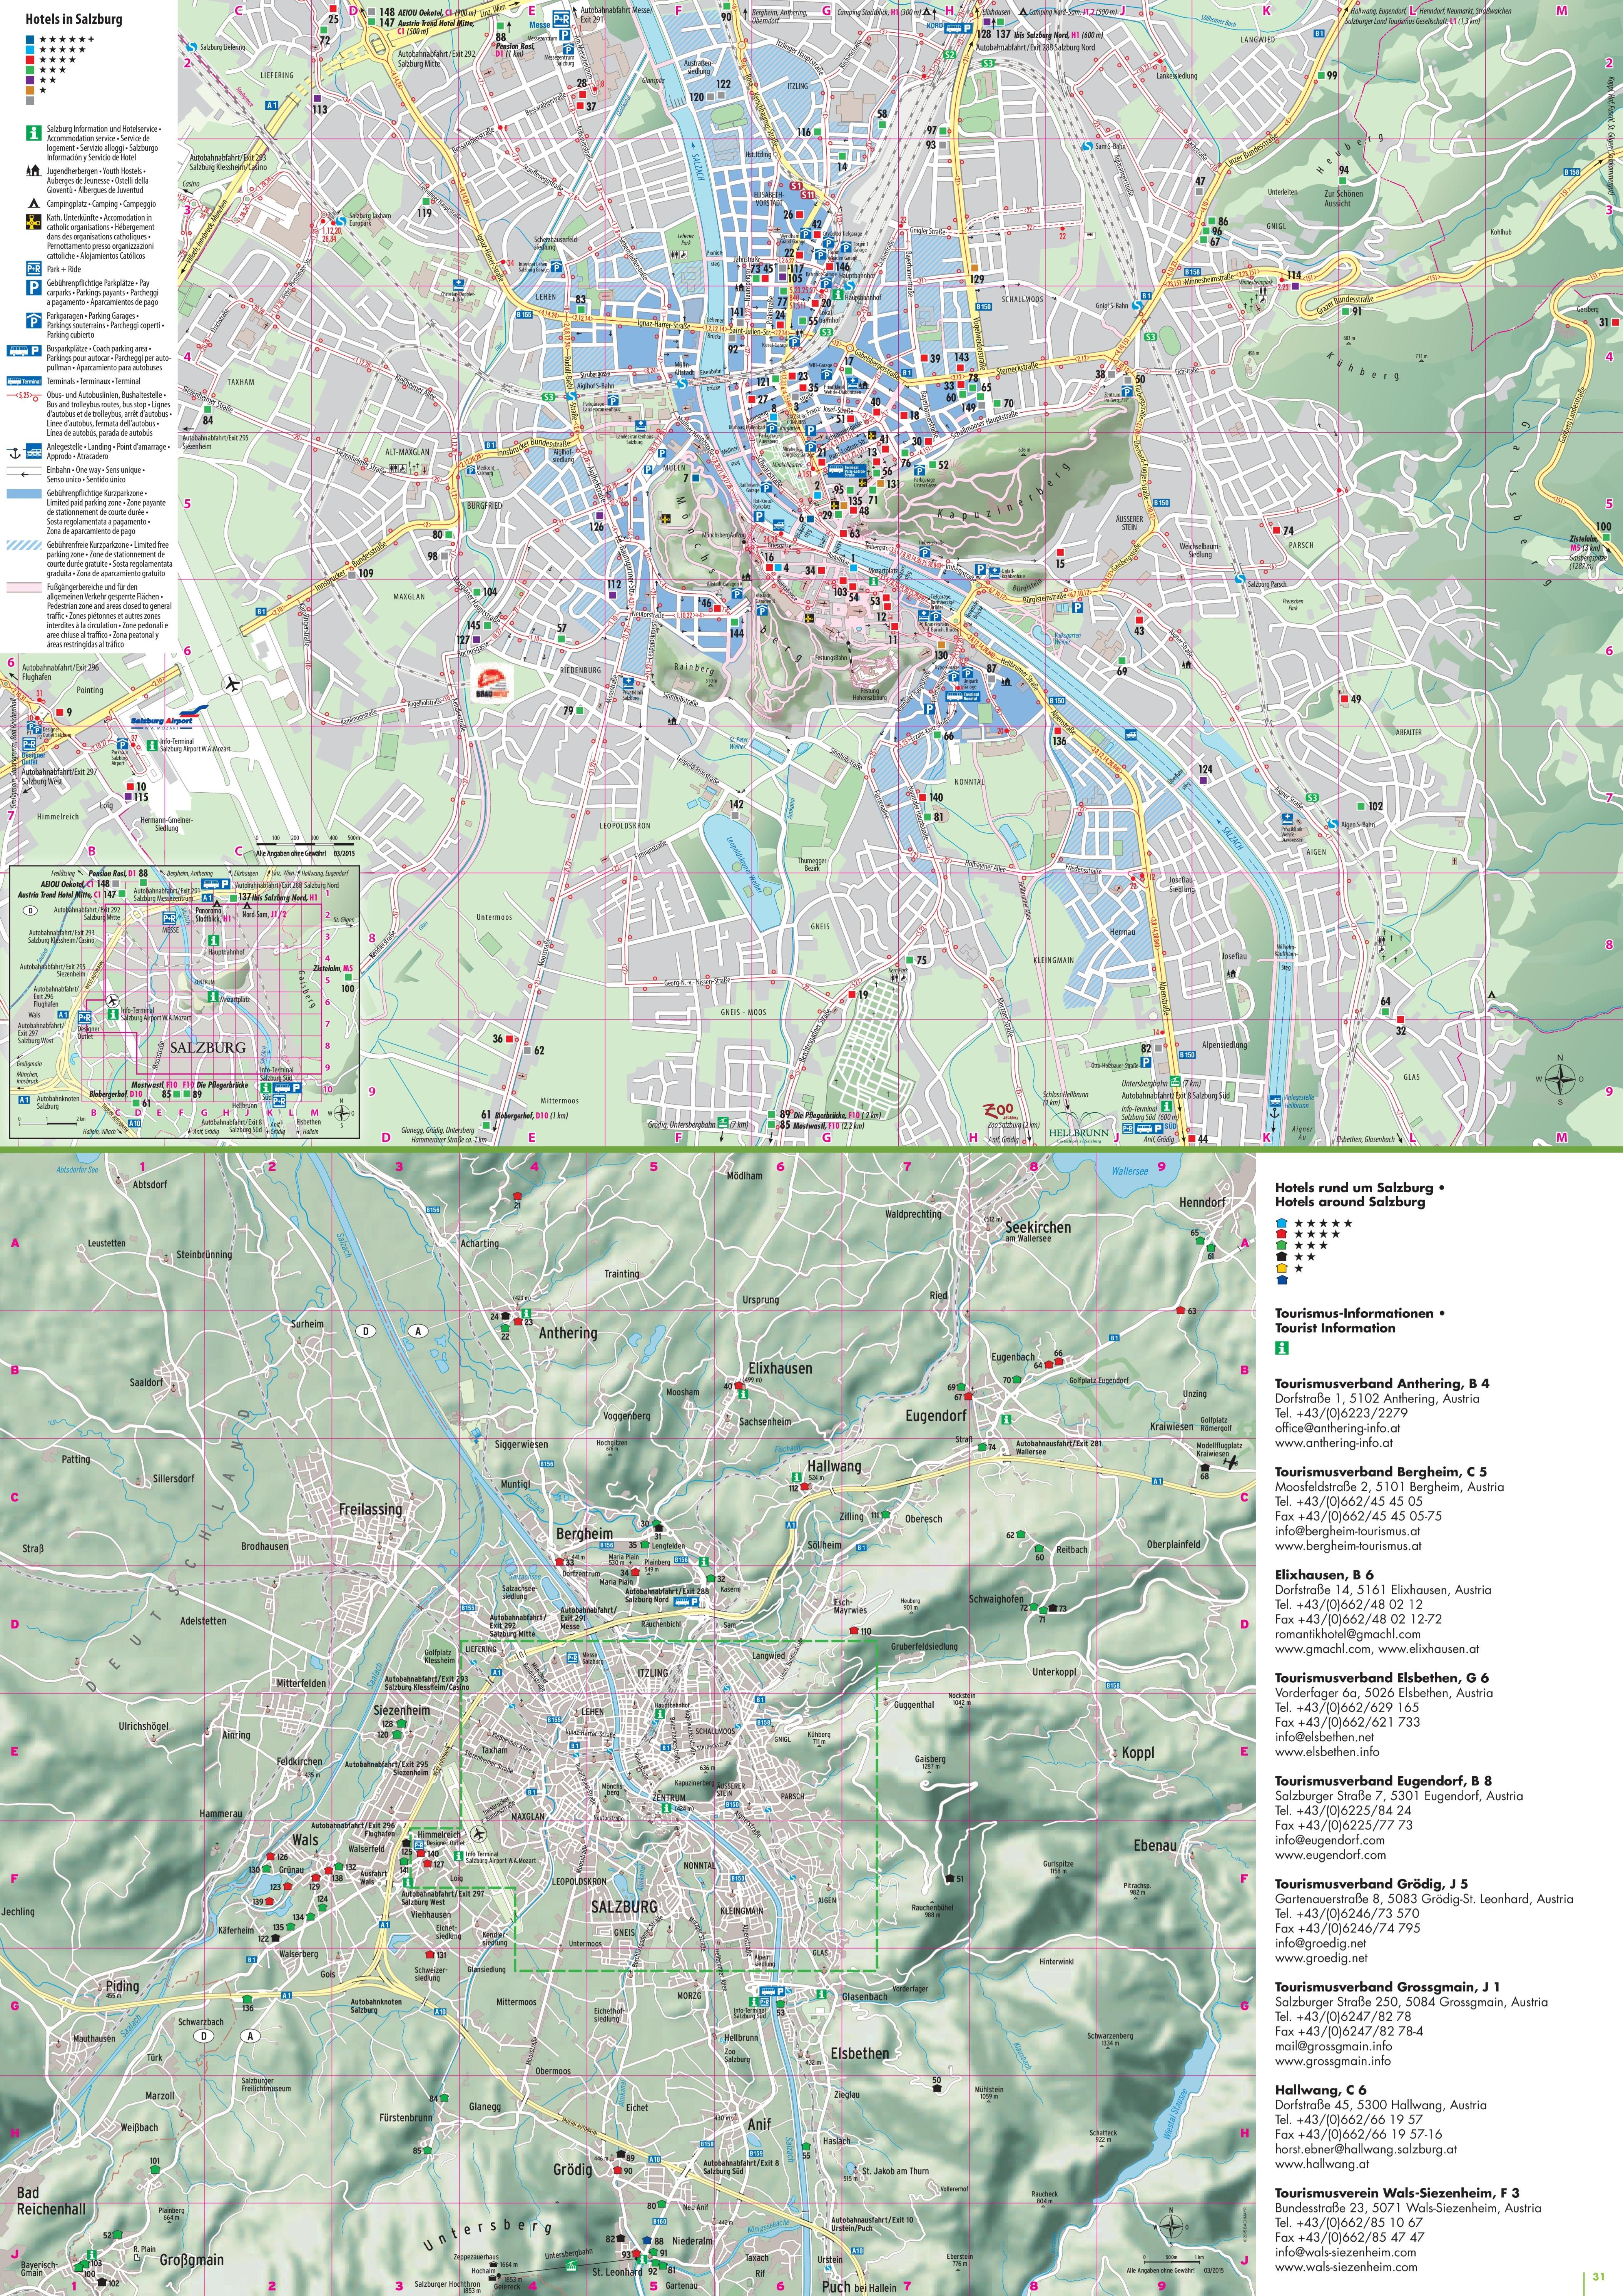 Salzburg accommodation map